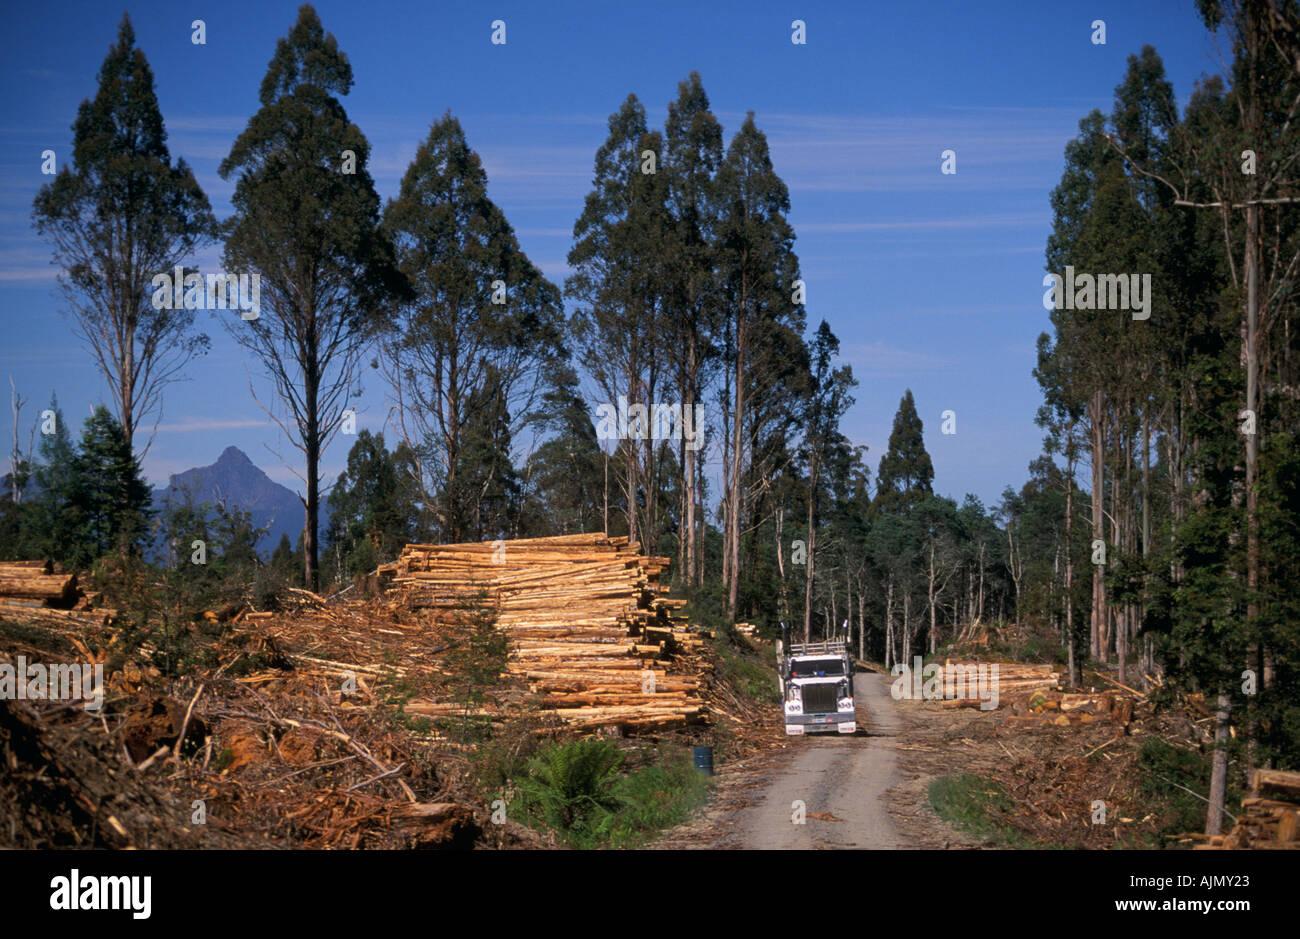 Timber industry, Tasmania, Australia - Stock Image